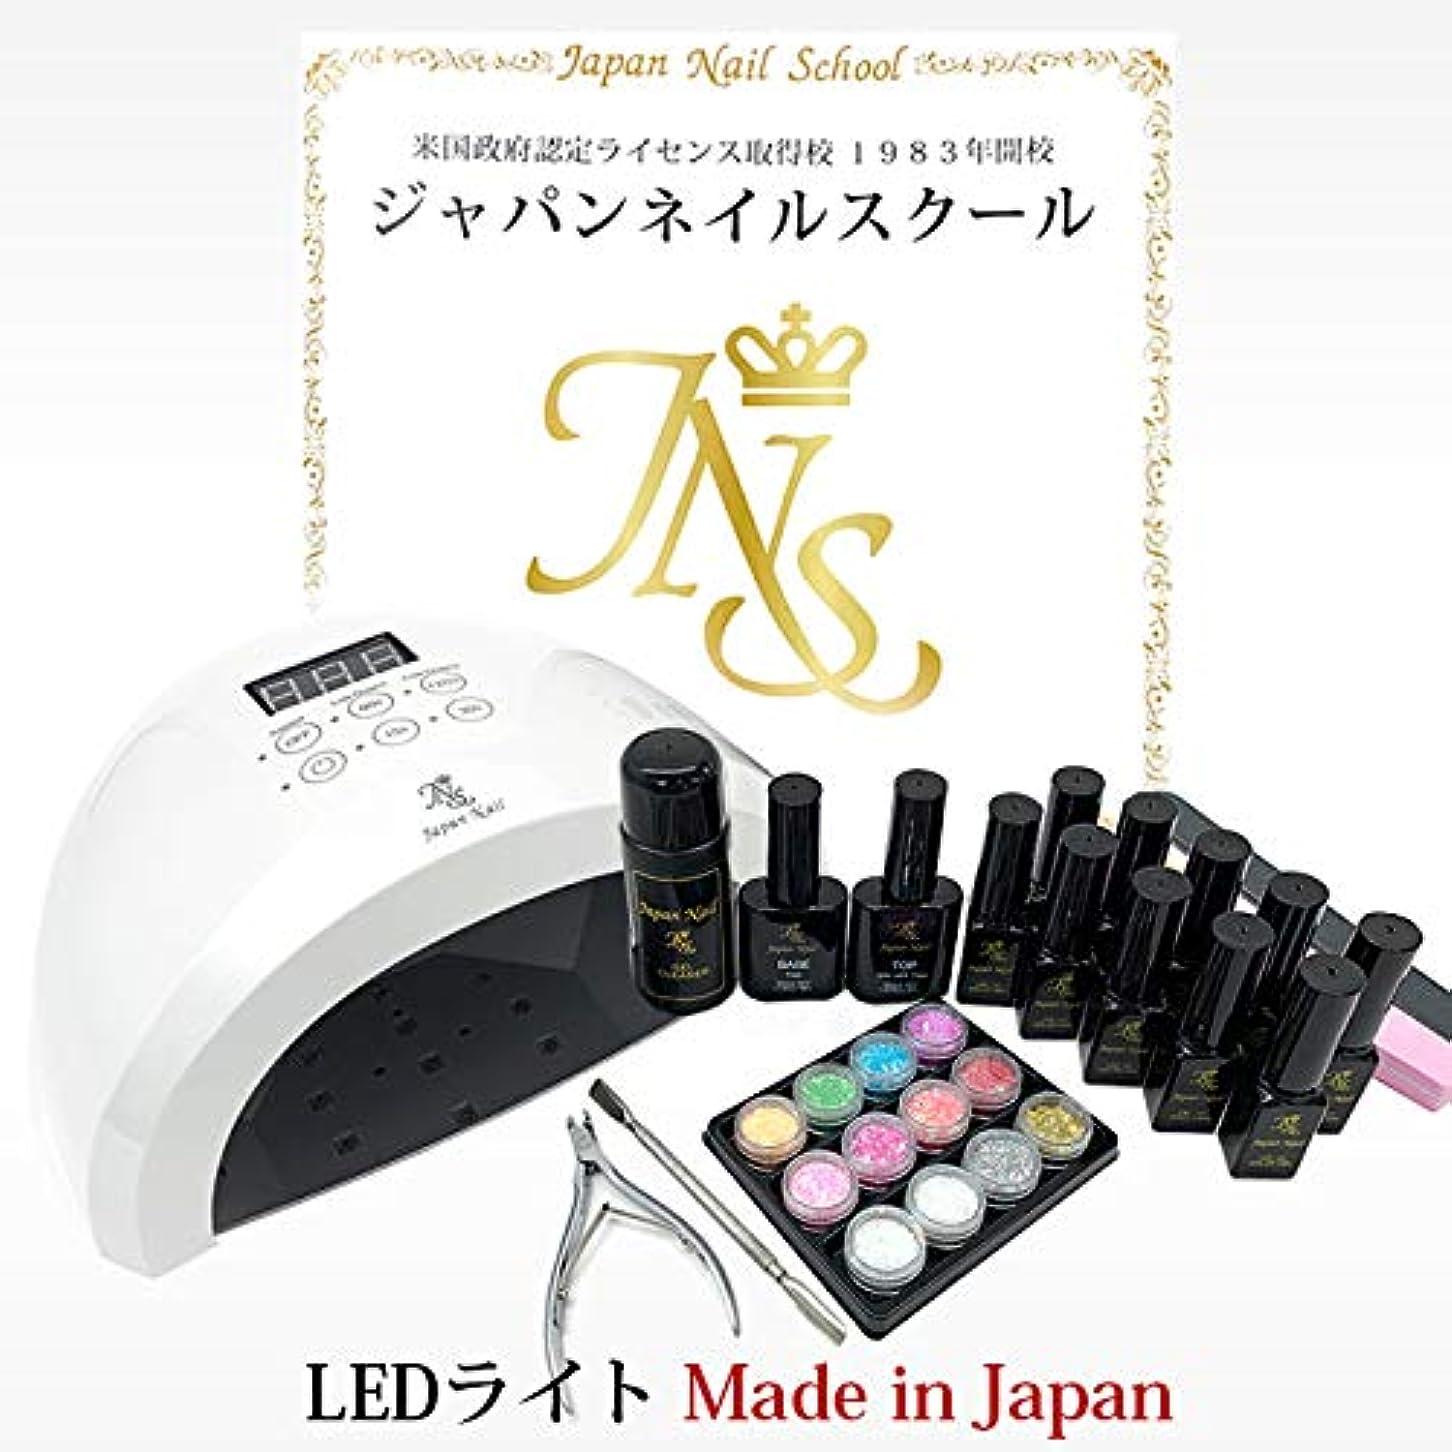 光の言い直す杭弱爪?傷爪でも熱くない2つのローダウン機能搭載ジェルネイルキット最新型日本製LEDライトn7初心者も安心の5年間サポート付